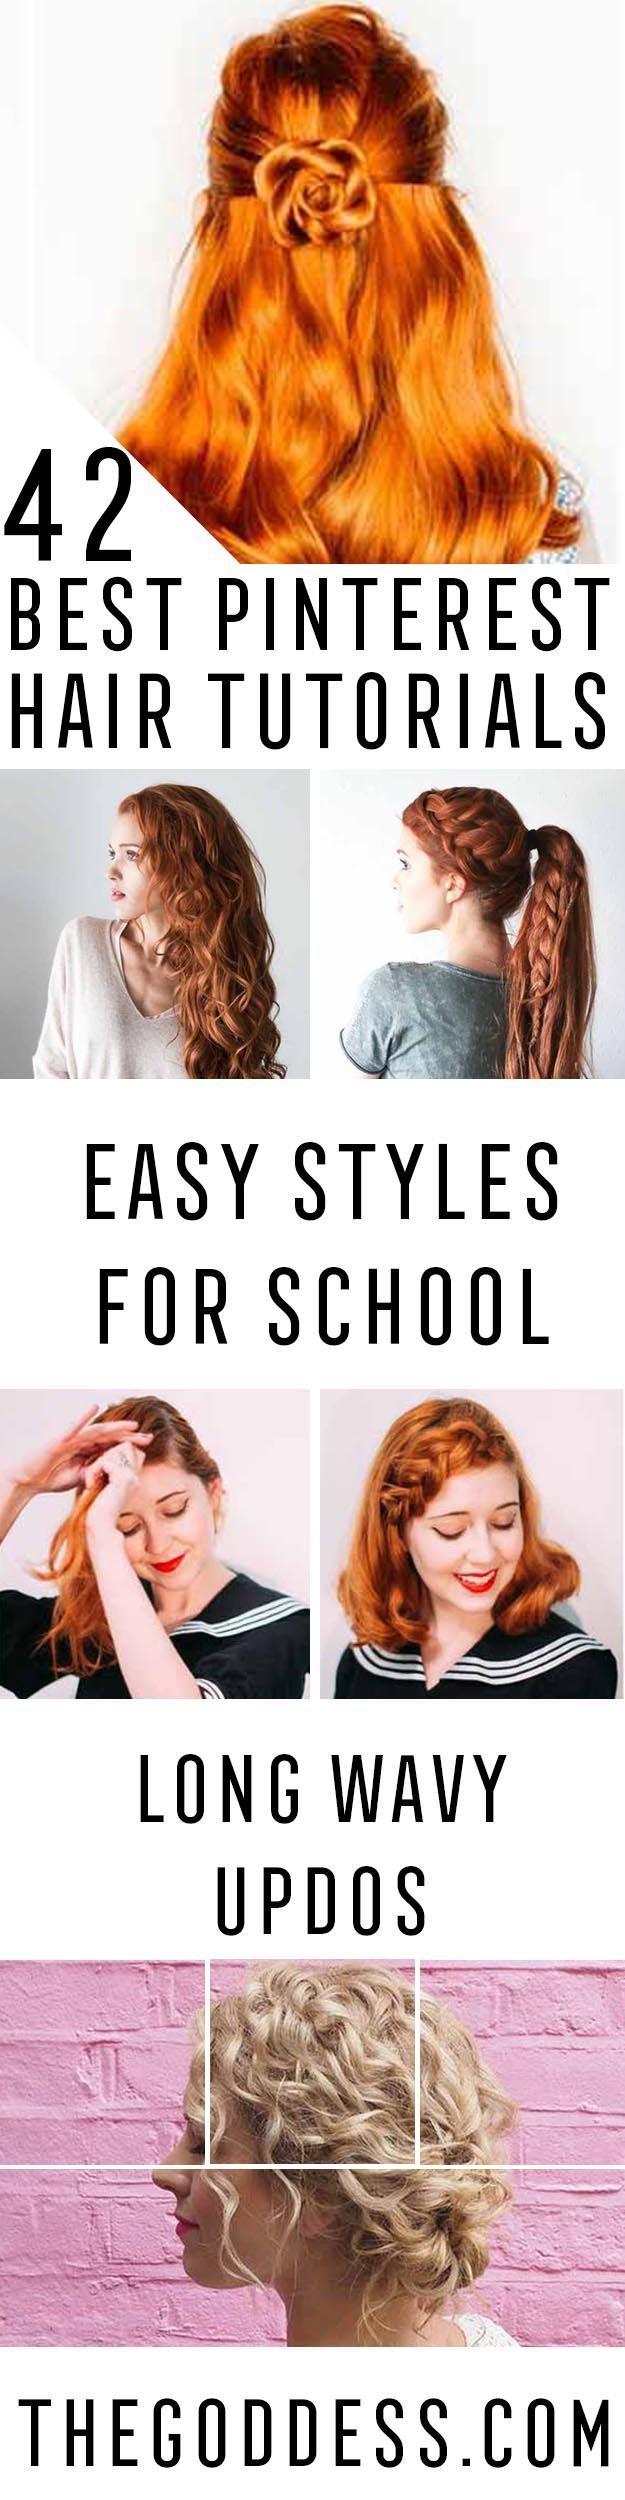 Beste Pinterest Hair Tutorials – Schauen Sie sich diese super süßen und super einfachen Haare an …